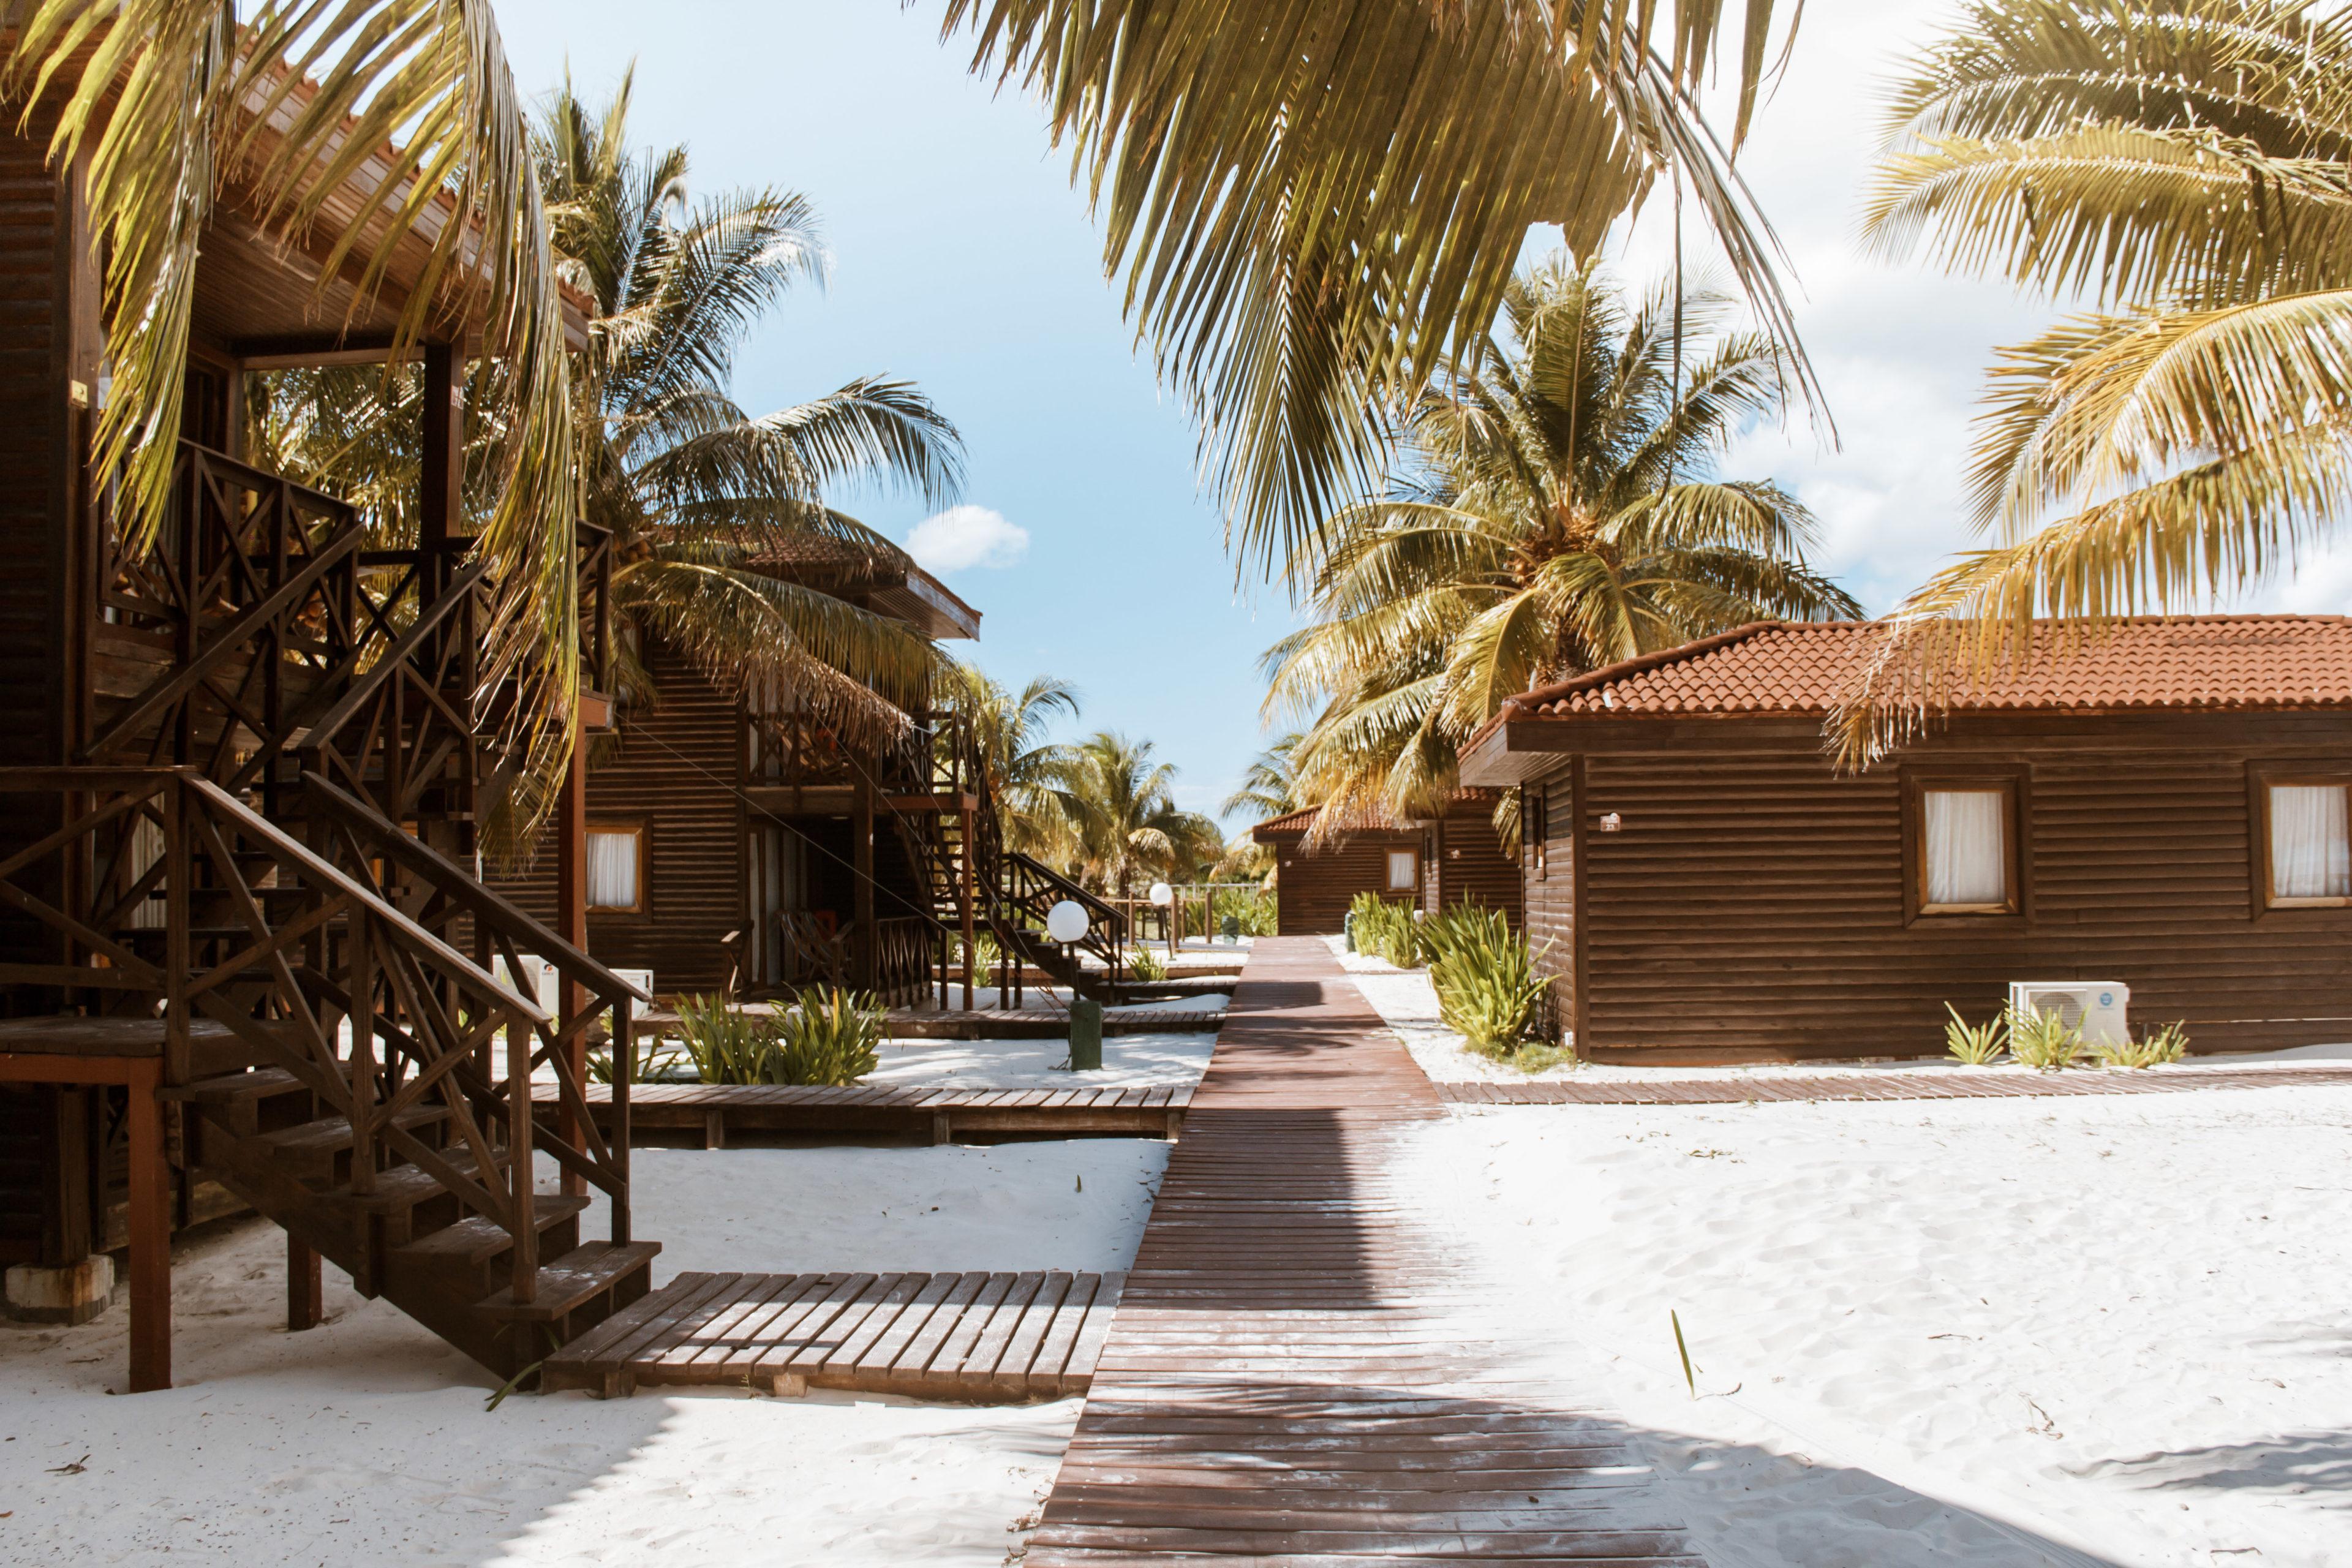 Eine Bungalow Anlage am Strand in Kuba